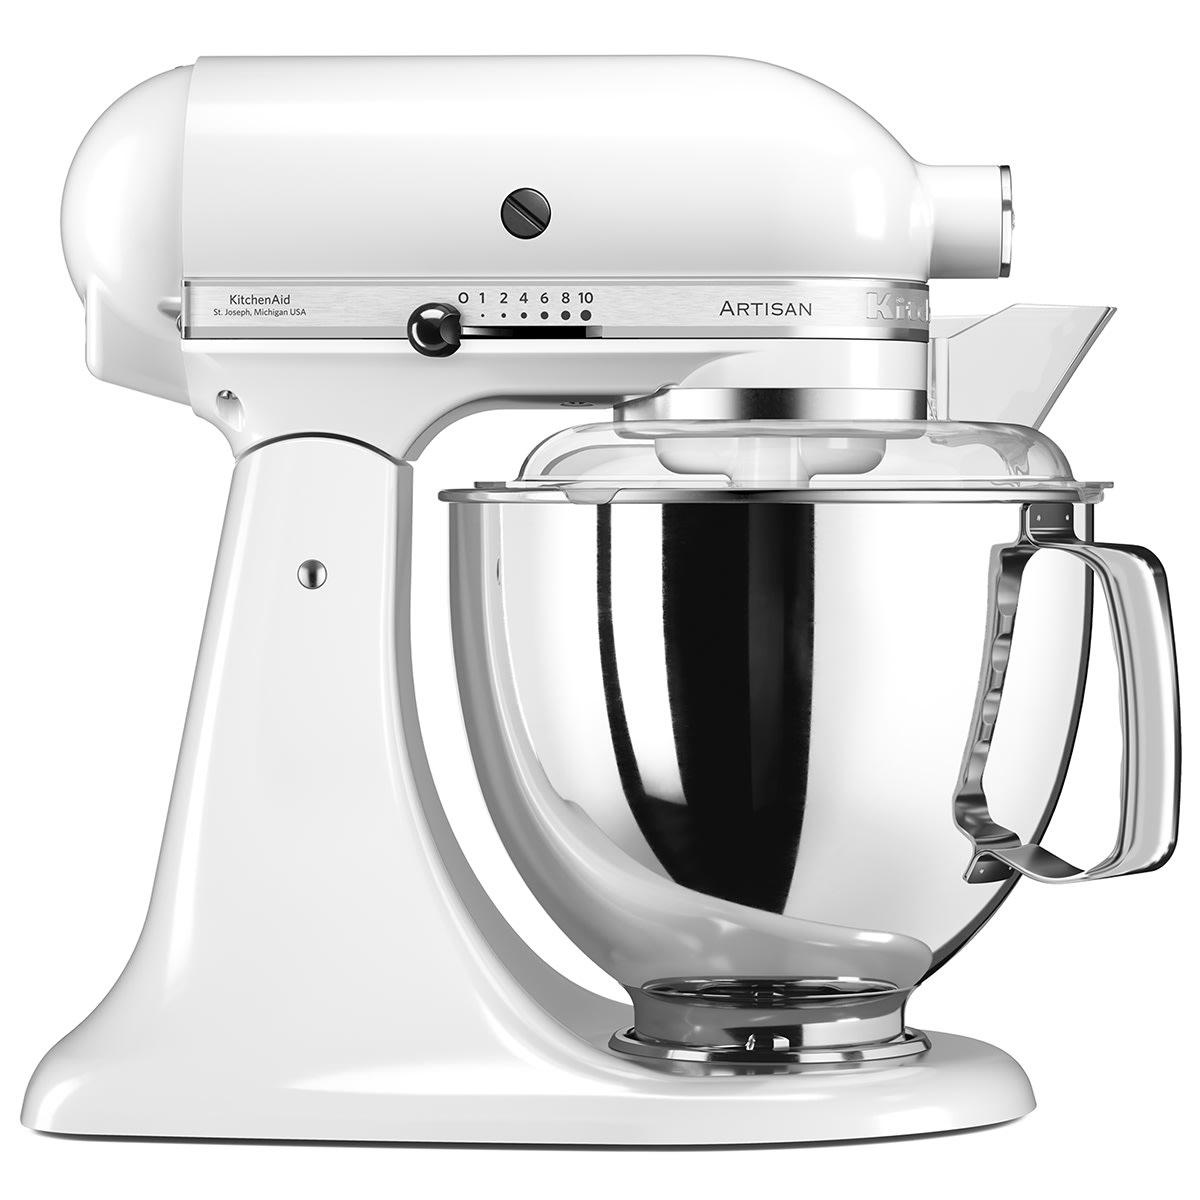 Ikonisk køkkenmaskine med 4,8-liters røreskål, plastskærm m.m.